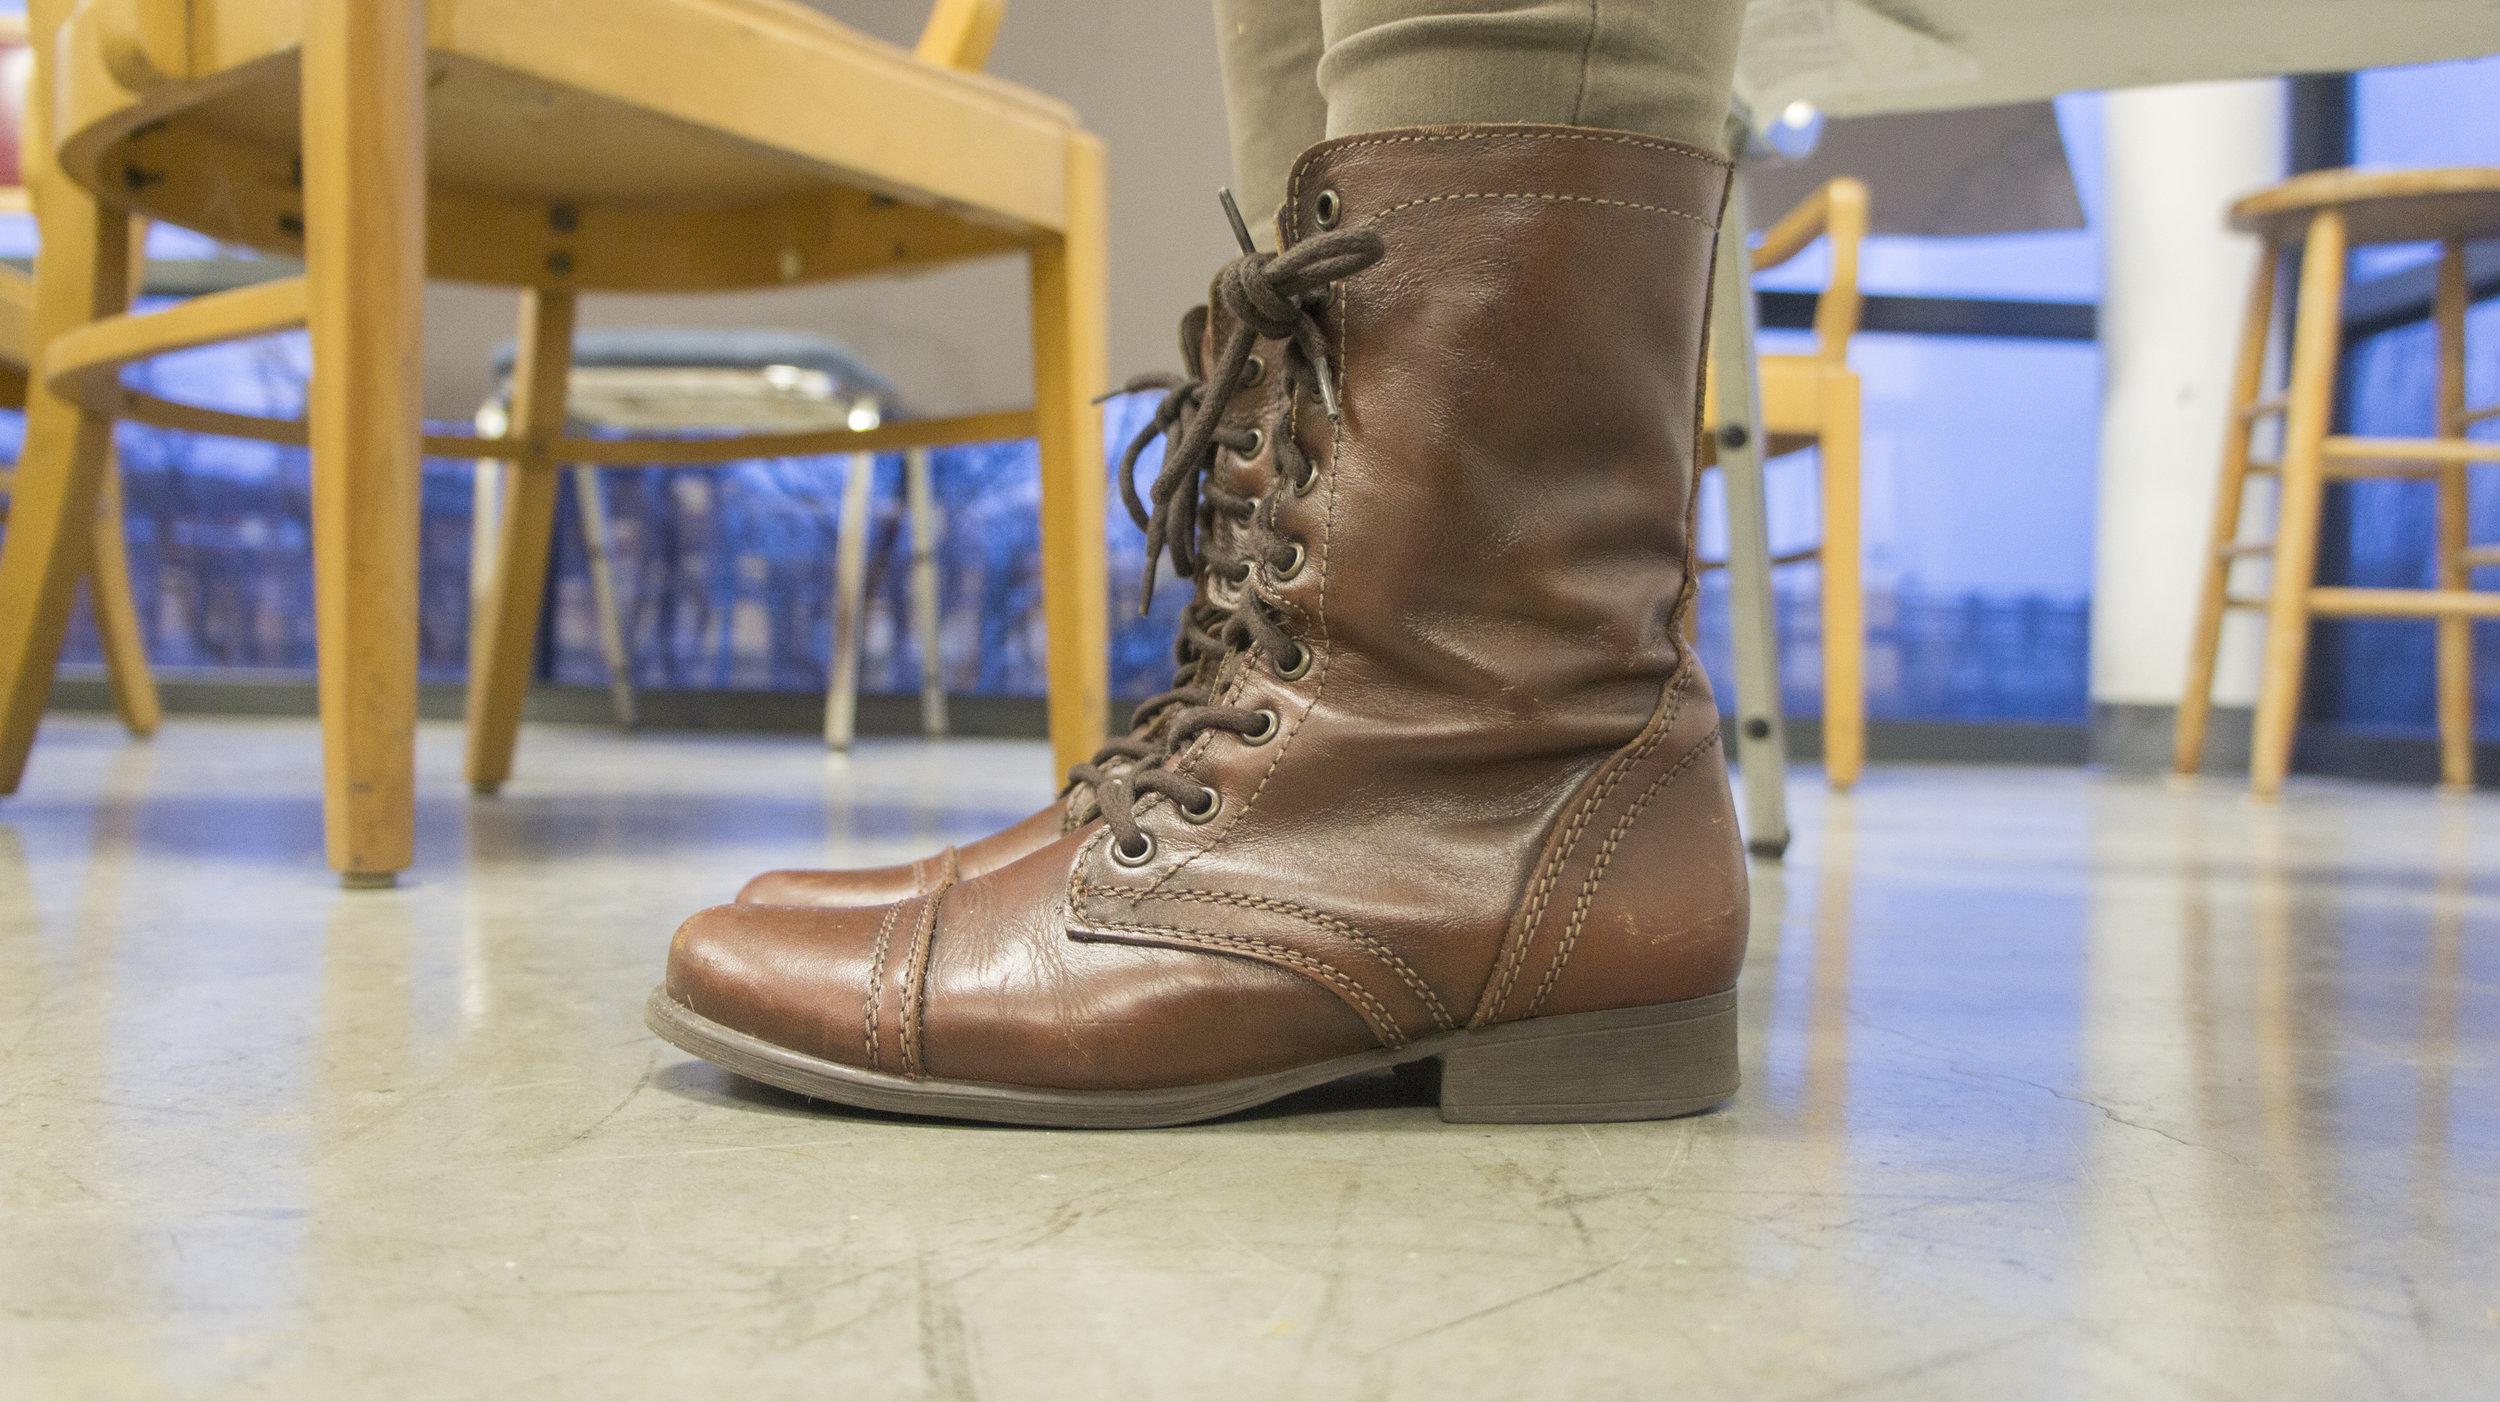 Alexandra Pena - Troopa Combat Boots